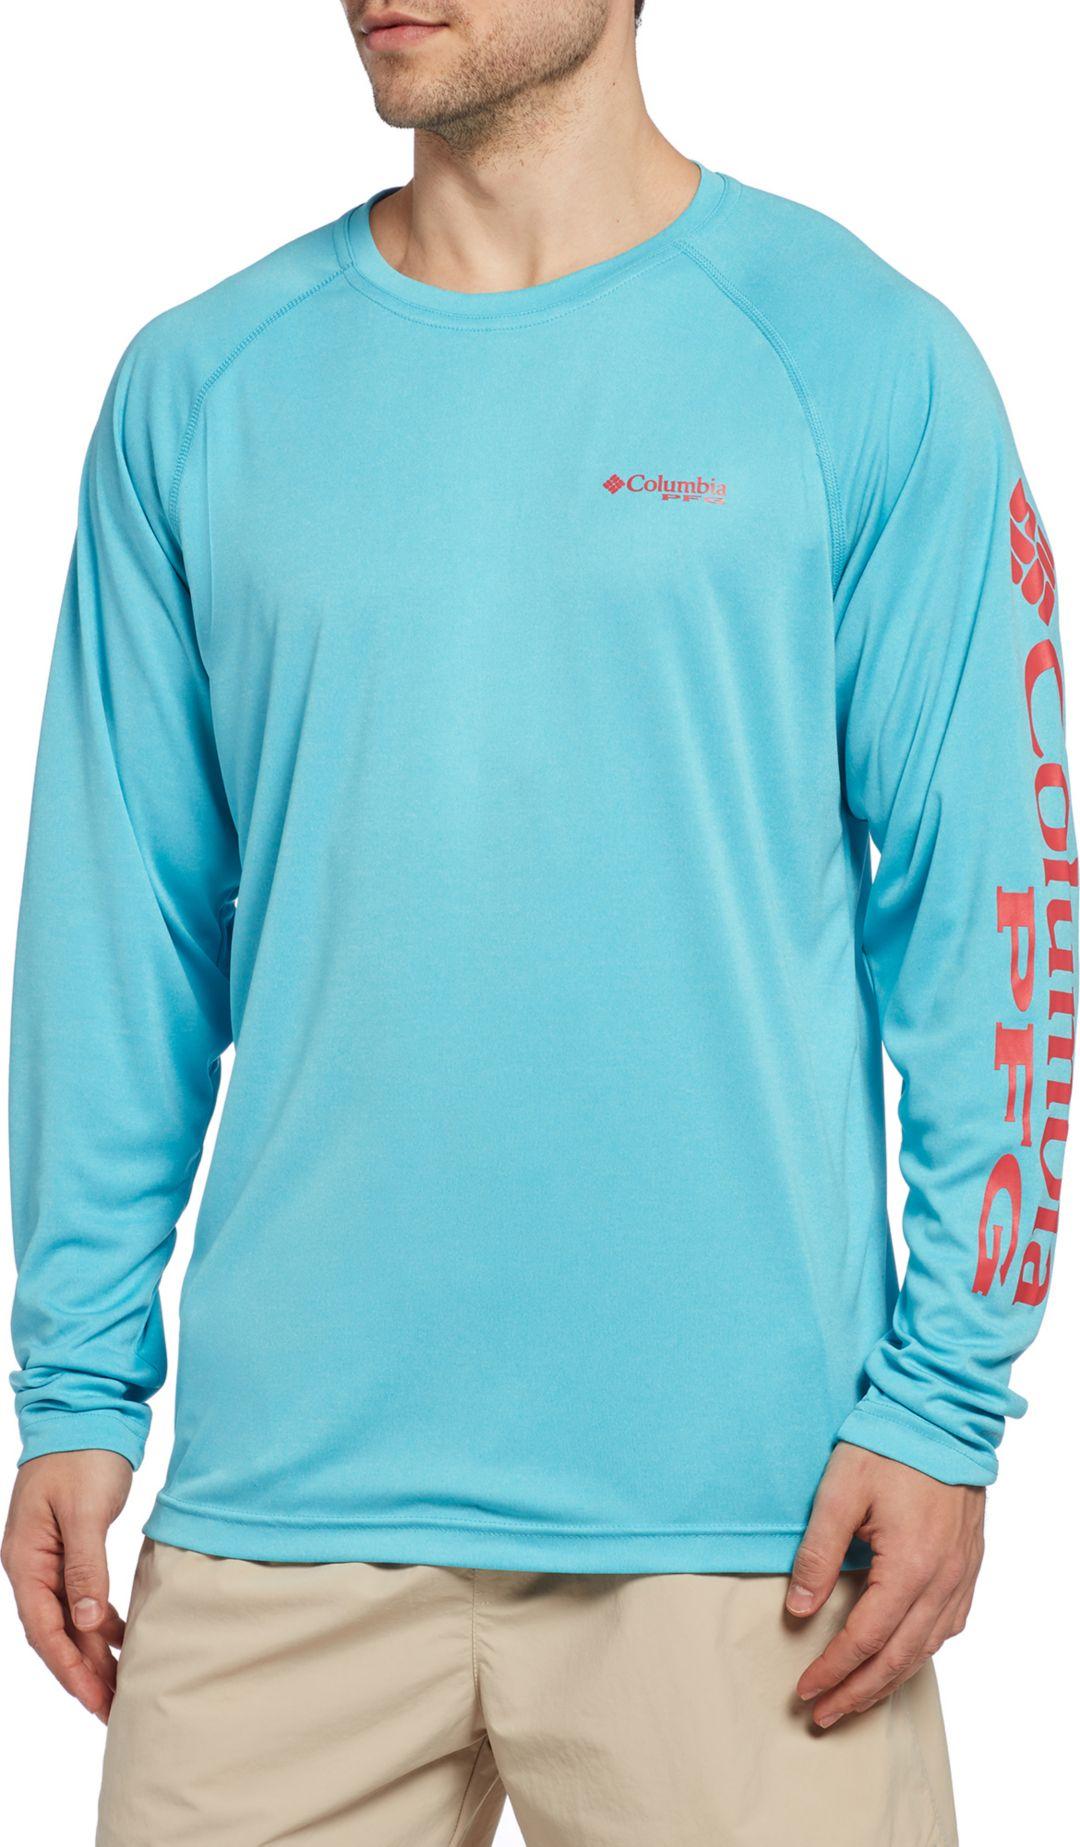 691d80bd021 Columbia Men's PFG Terminal Tackle Heather Long Sleeve Shirt ...